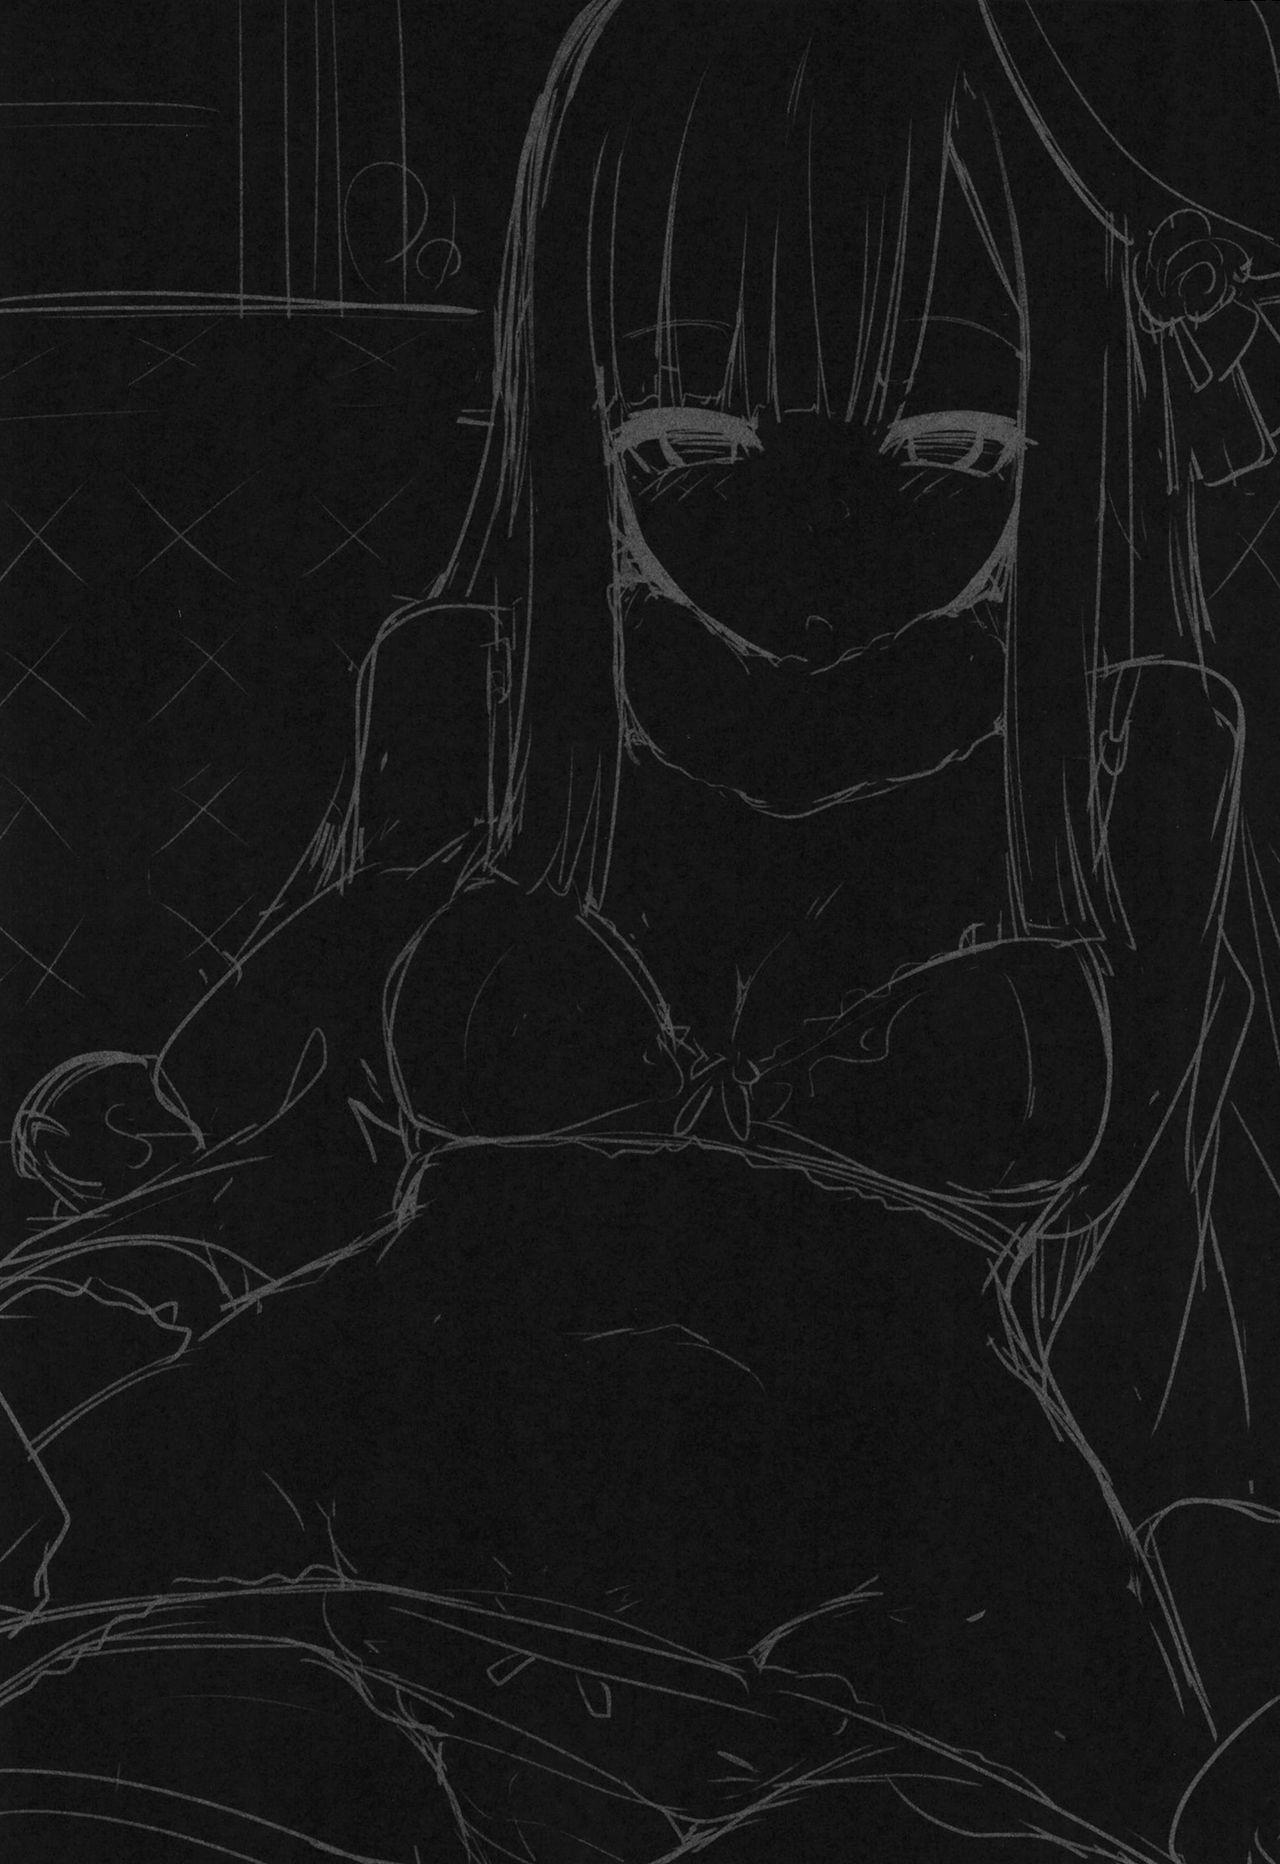 Neoki no Shishou wa Tonikaku Eroi 2